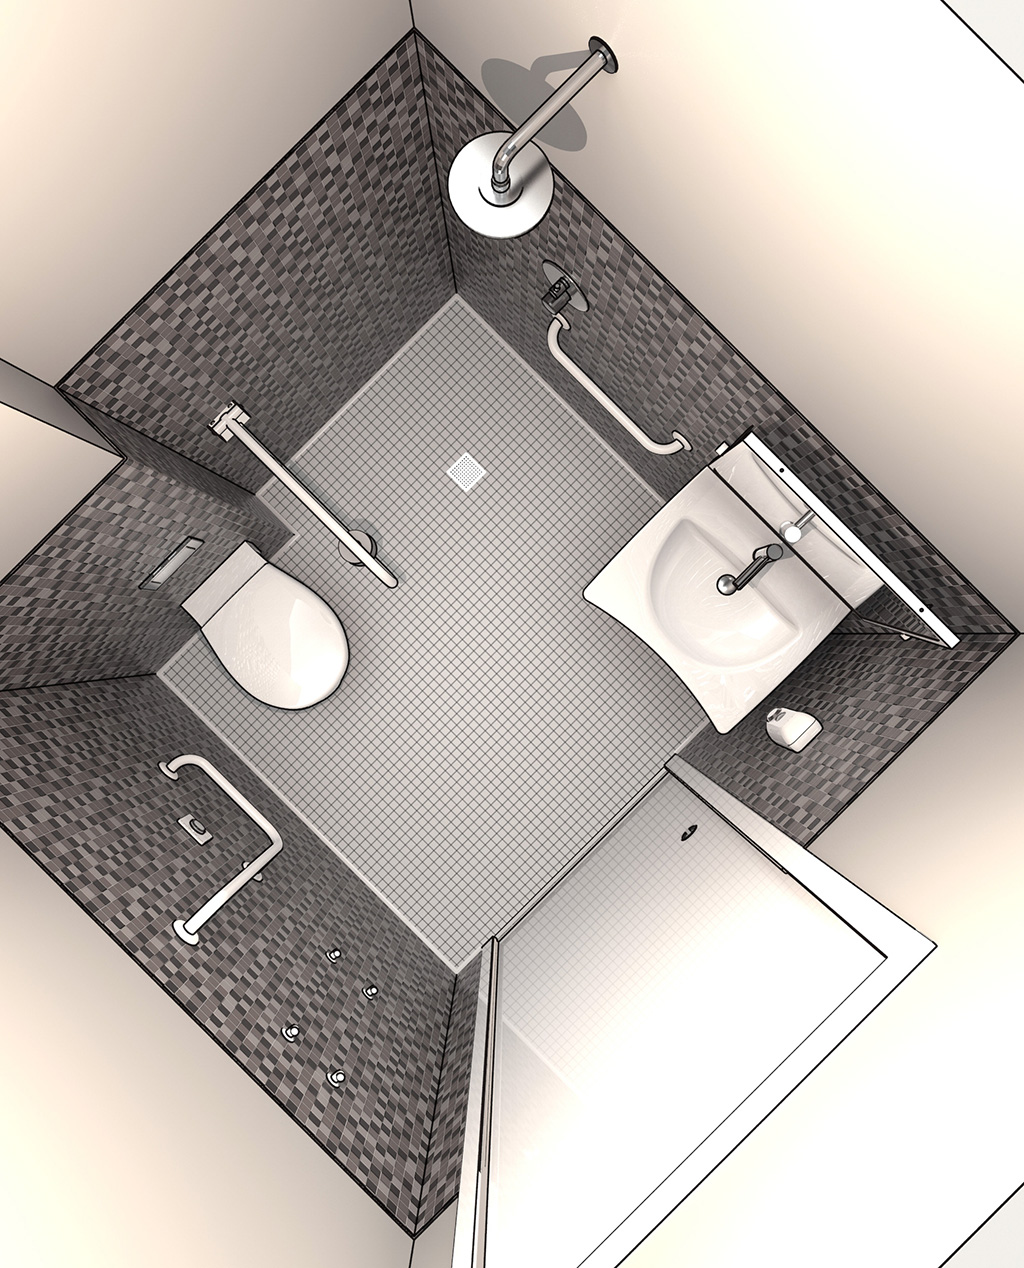 Salle de bain pour personne mobilit r duite vaste - Accessoires salle de bain pour handicapes ...